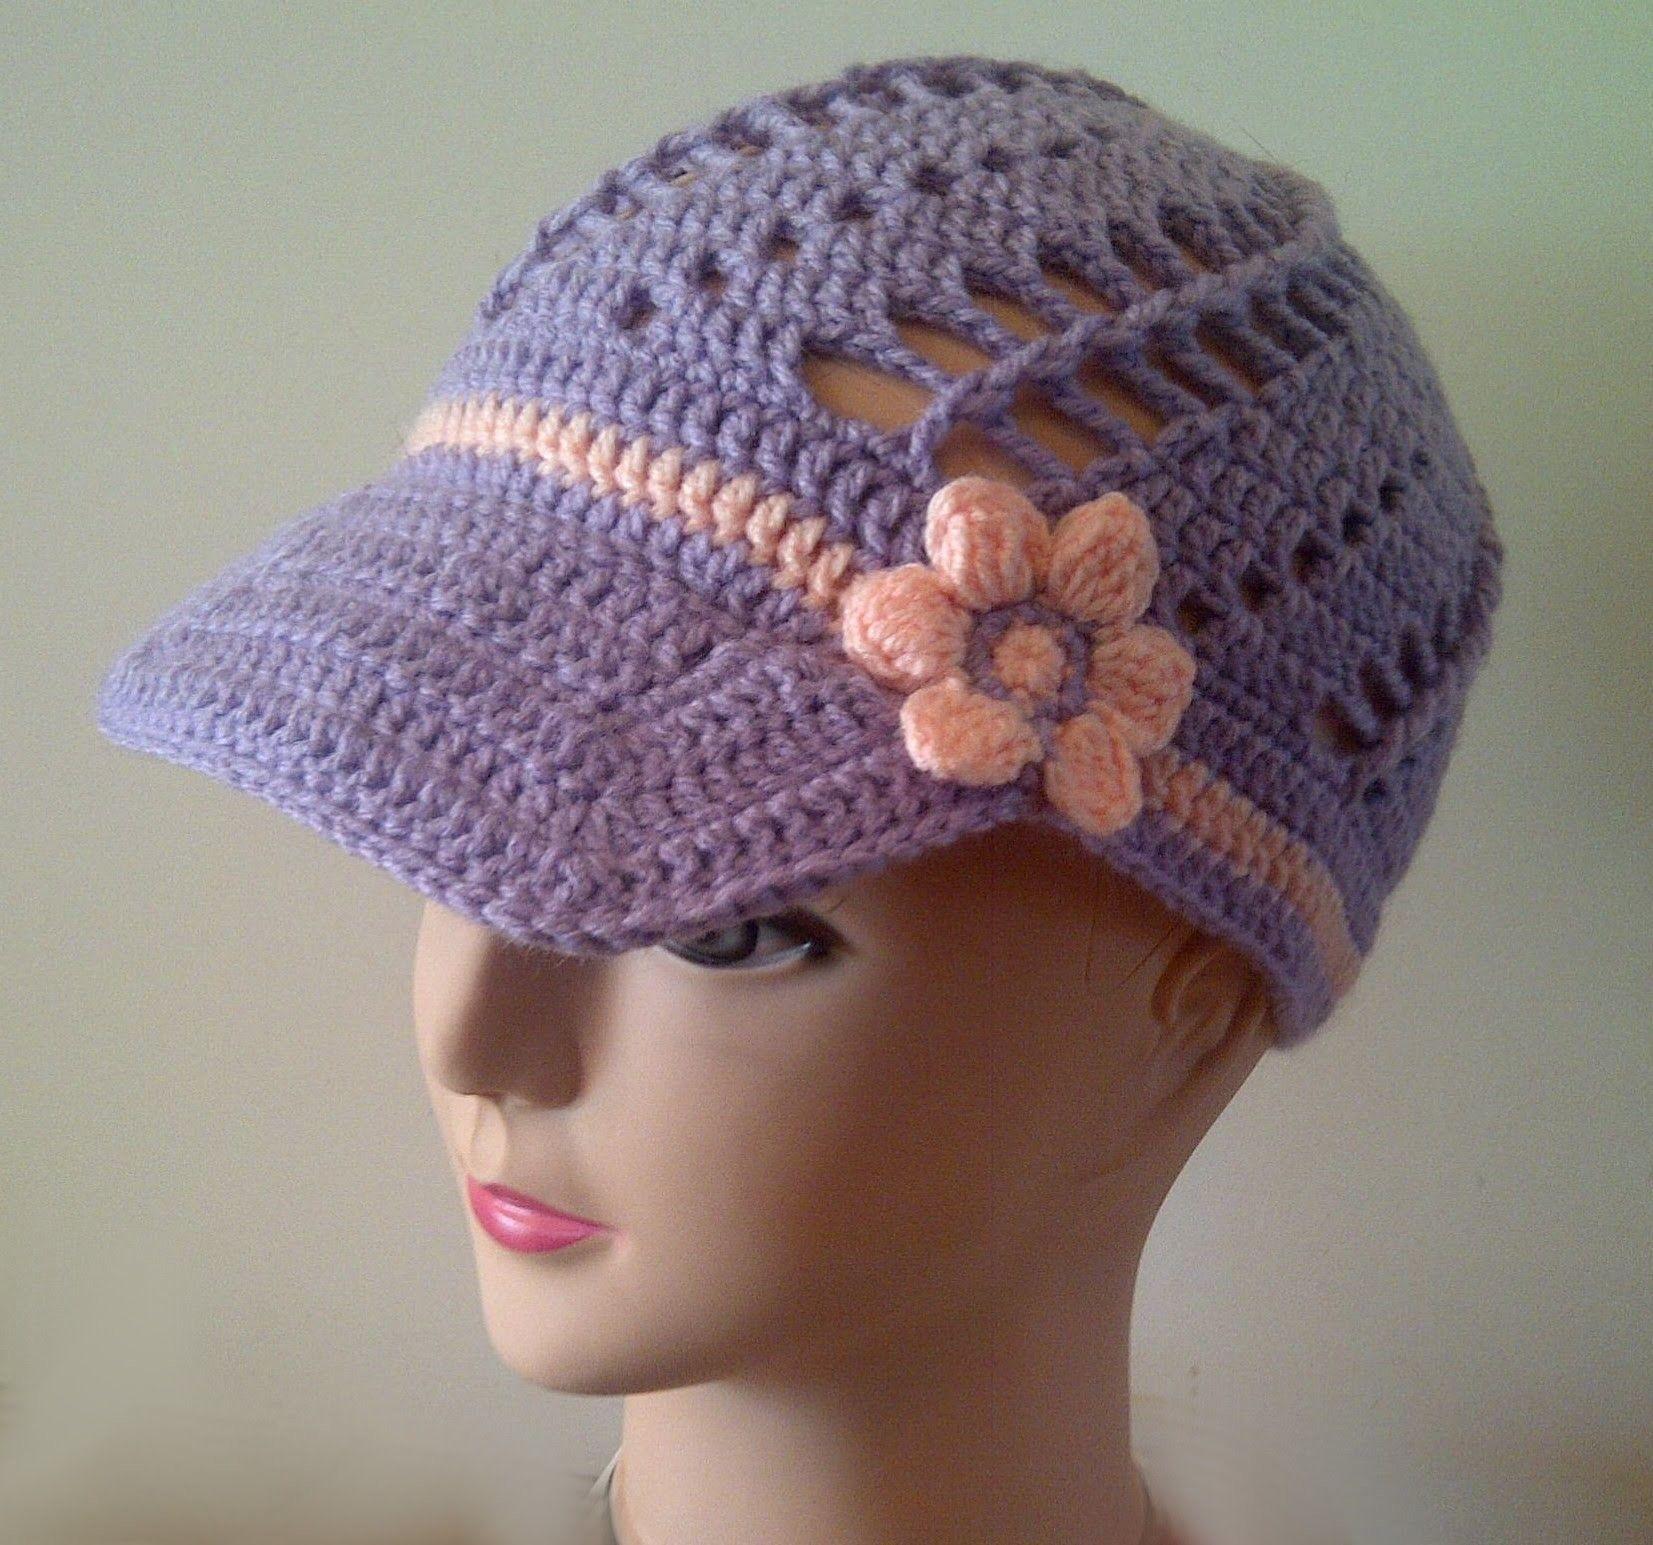 Free crochet flower pattern for spring baseball cap free crochet free crochet flower pattern for spring baseball cap bankloansurffo Choice Image